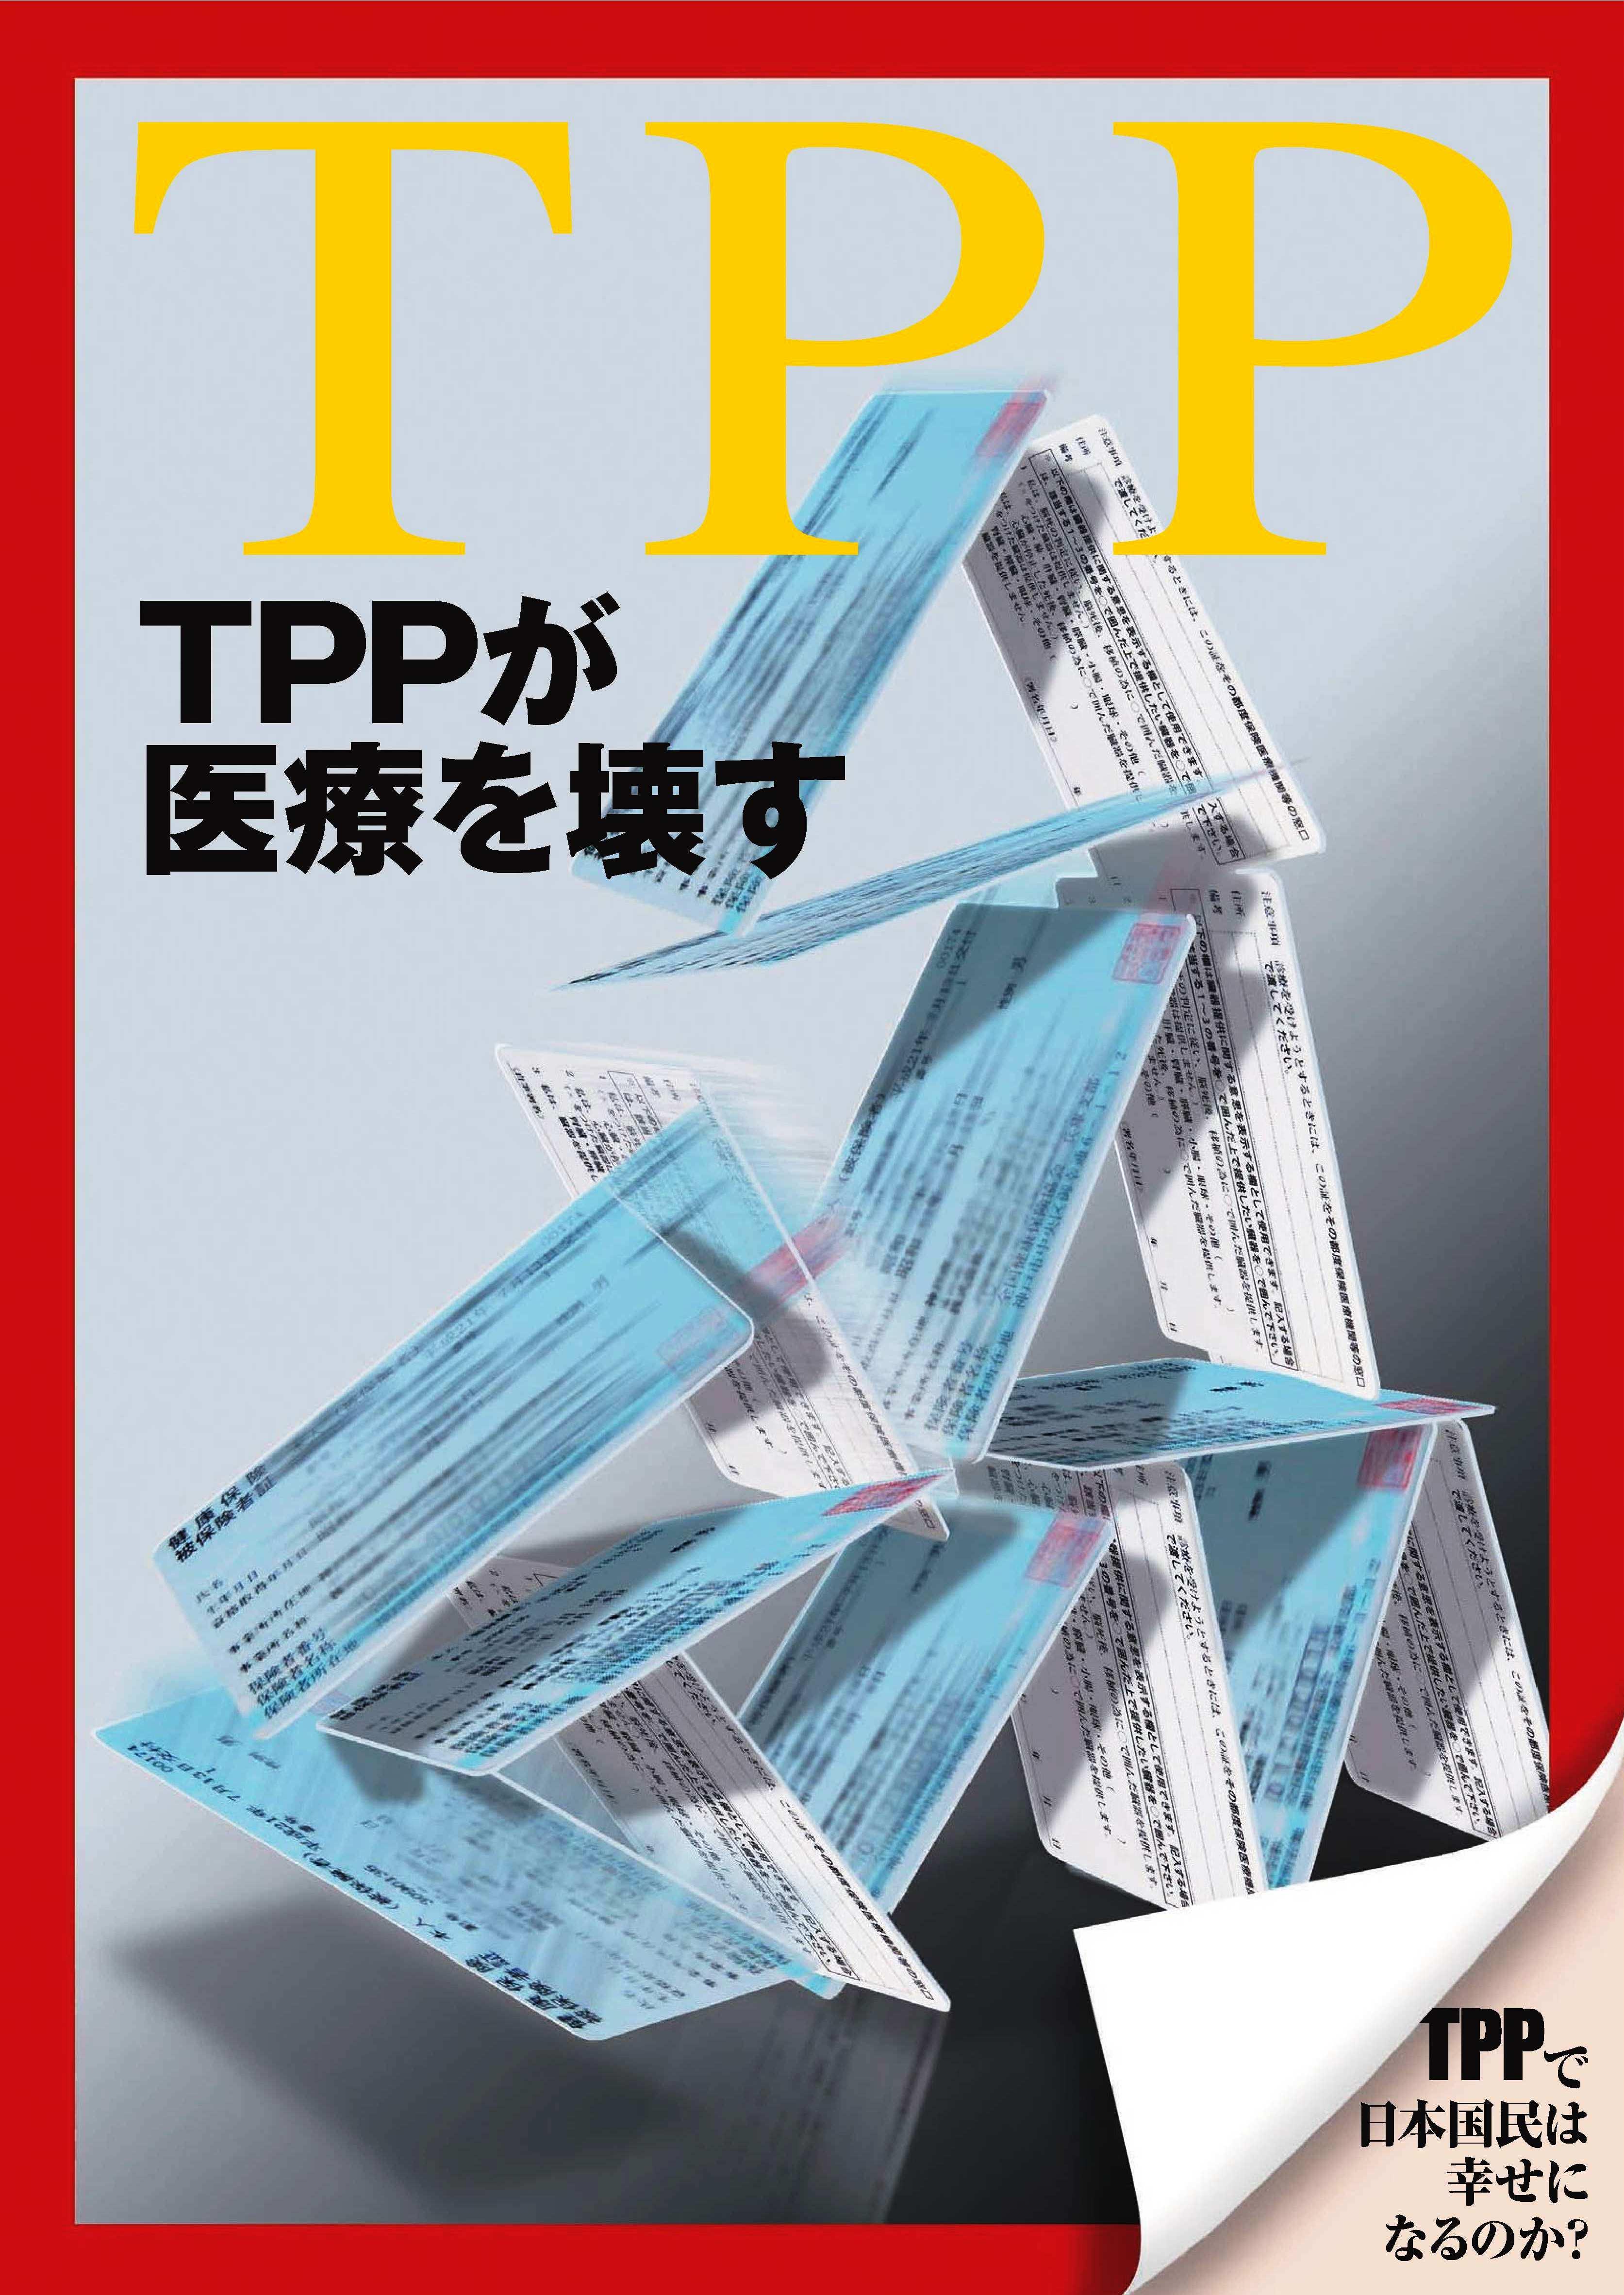 TPPが医療を壊す